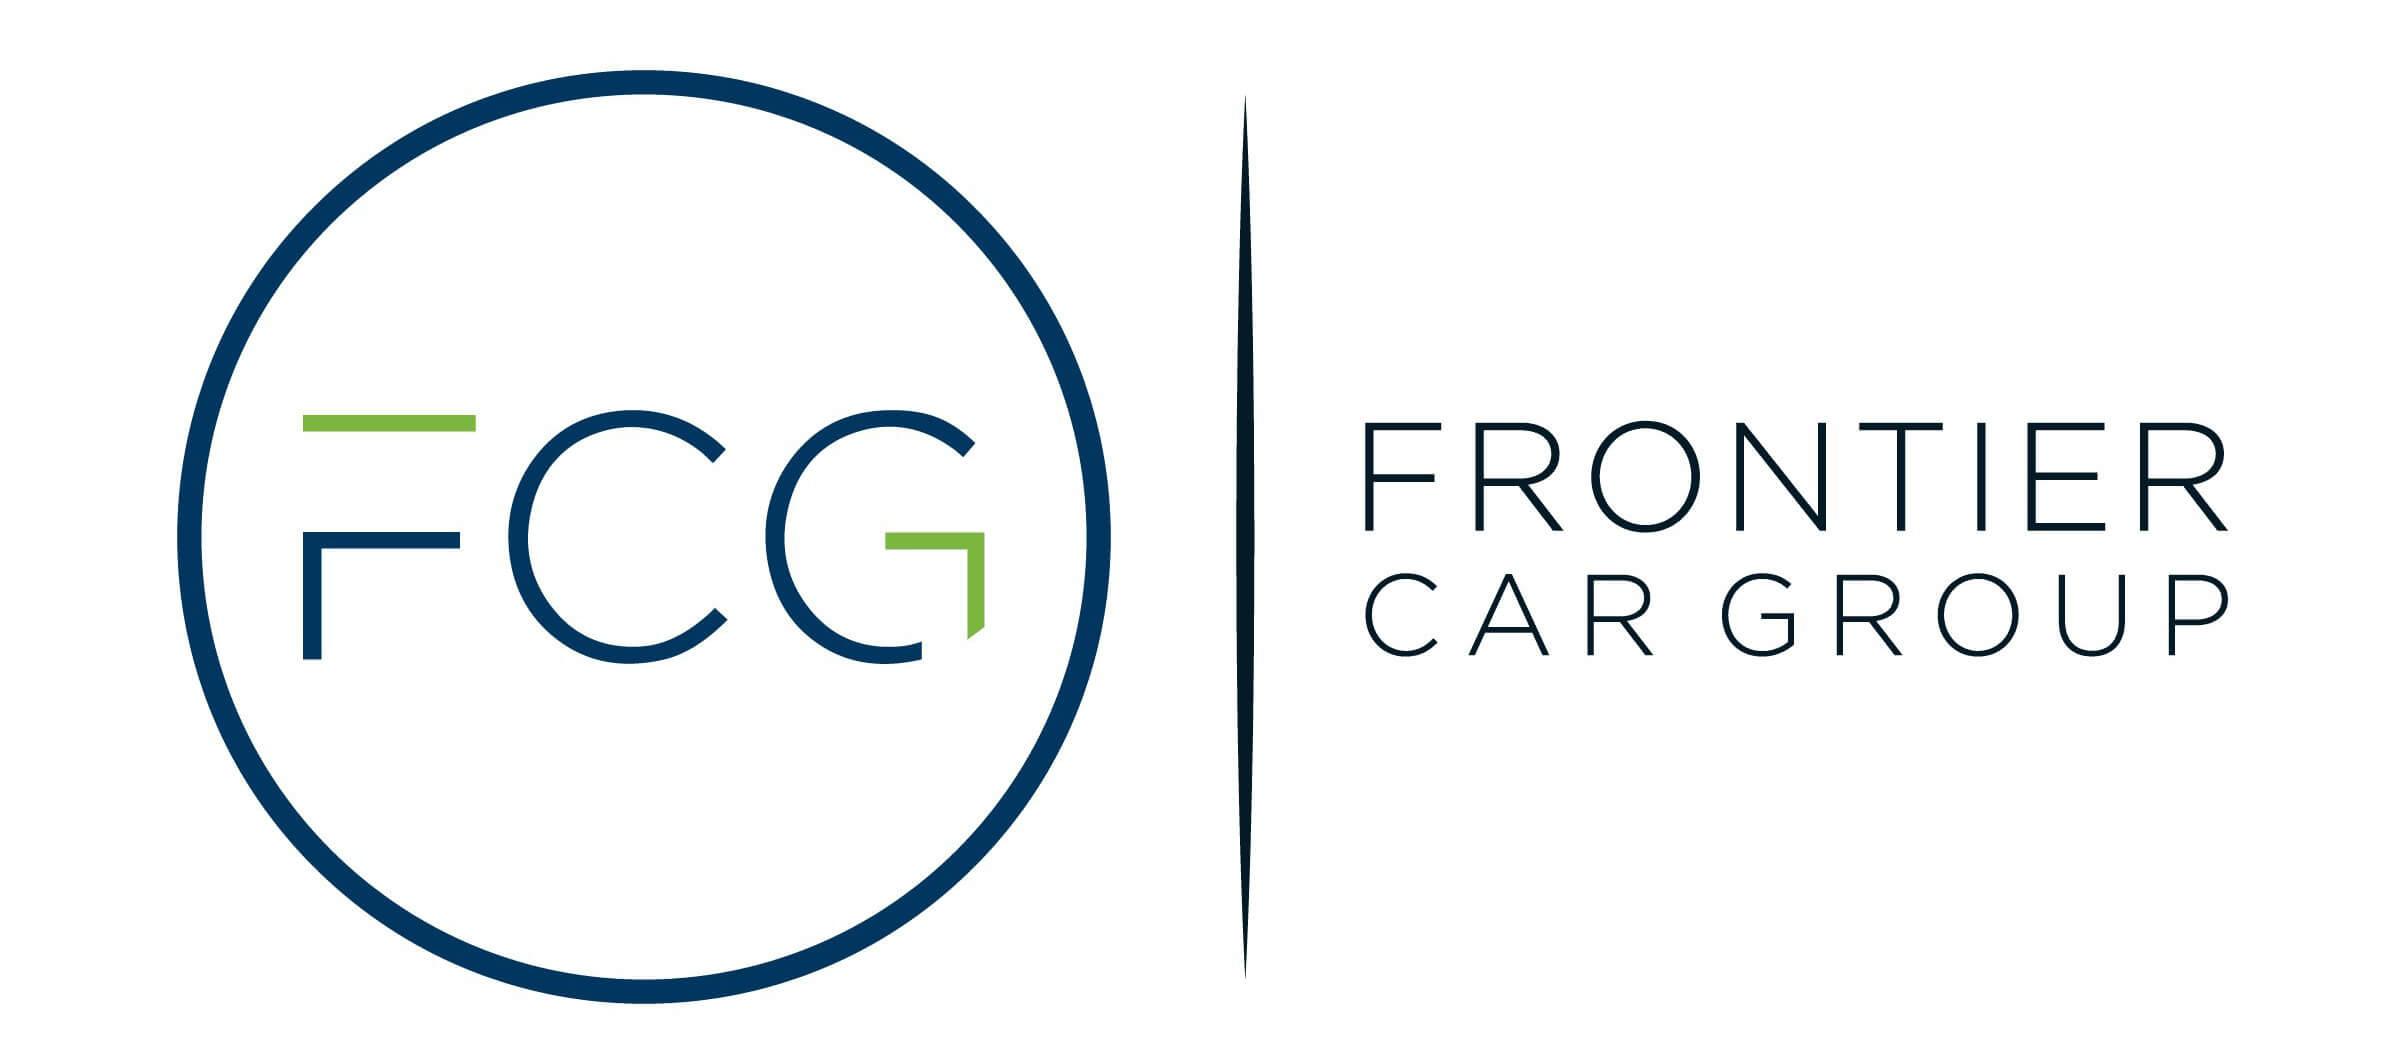 Frontier_Car_Group_Logo